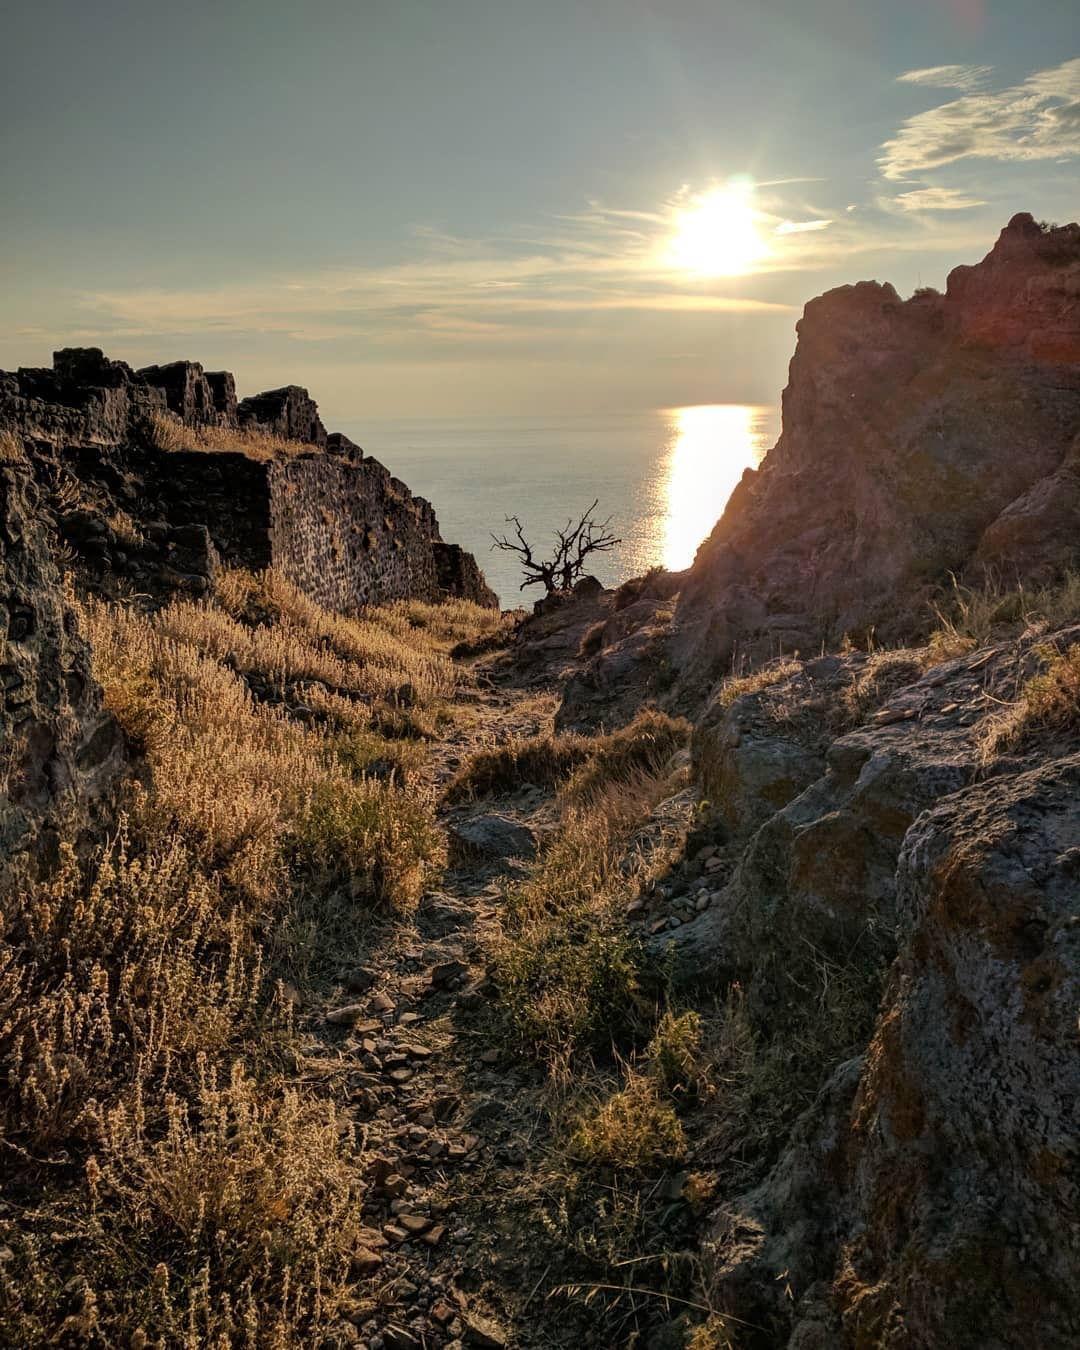 Κάστρο Μύρινας Λήμνος 📷 Ilias Strachinis Περισσότερη